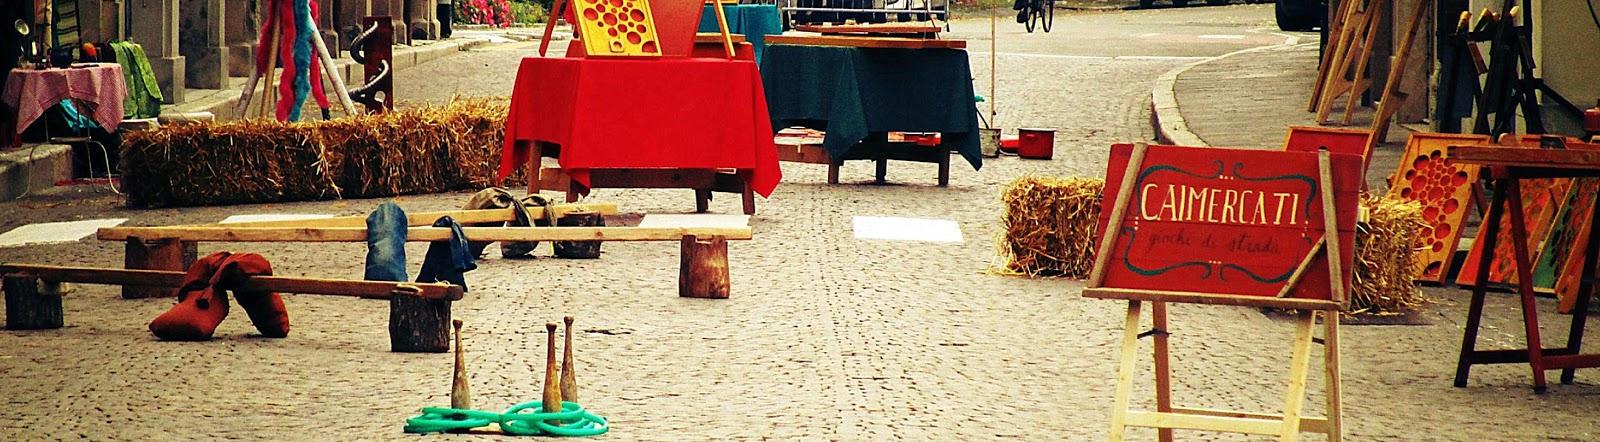 CaiMercati / Giardinetti / area gioco 0-99 anni / Artisti in Piazza / Pennabilli festival